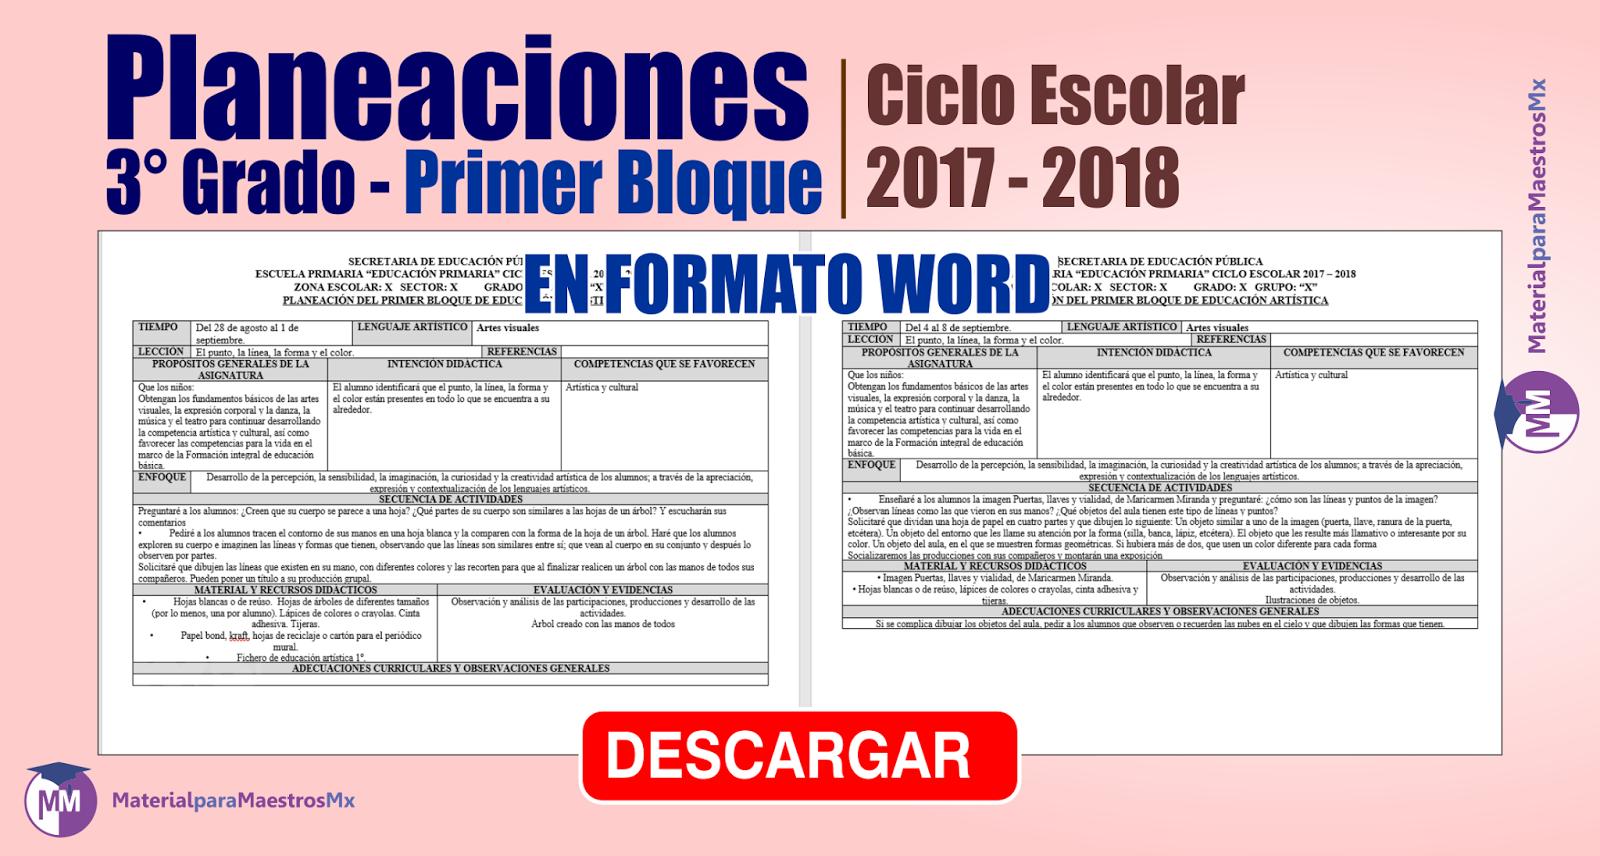 Planeaciones tercer grado - primer bloque ciclo escolar 2017-2018 | PREGUNTALE AL PROFESOR